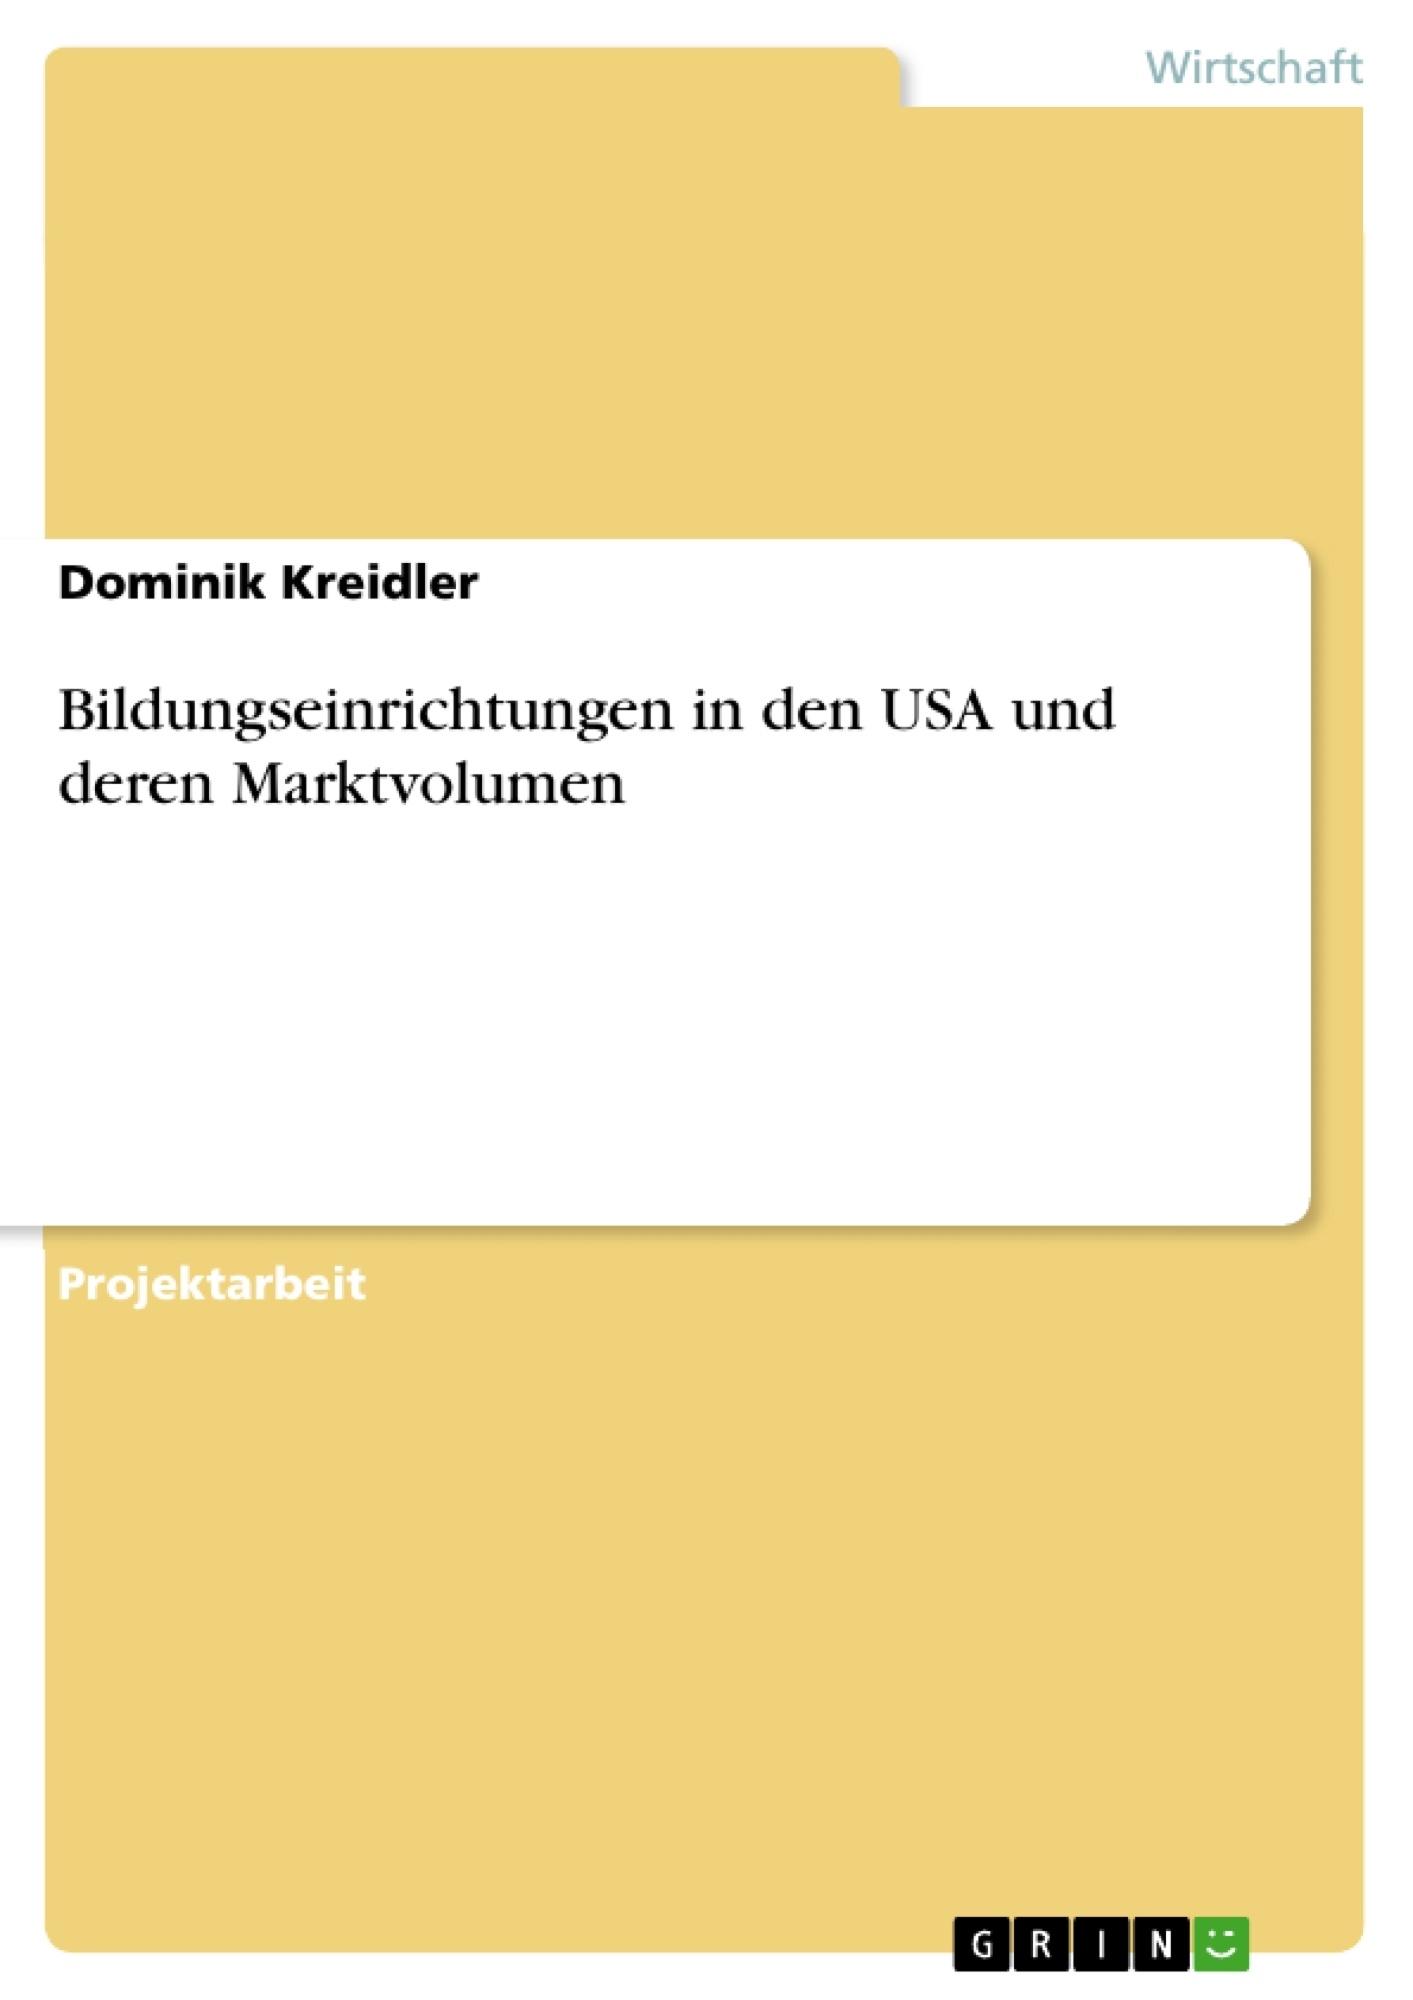 Titel: Bildungseinrichtungen in den USA und deren Marktvolumen